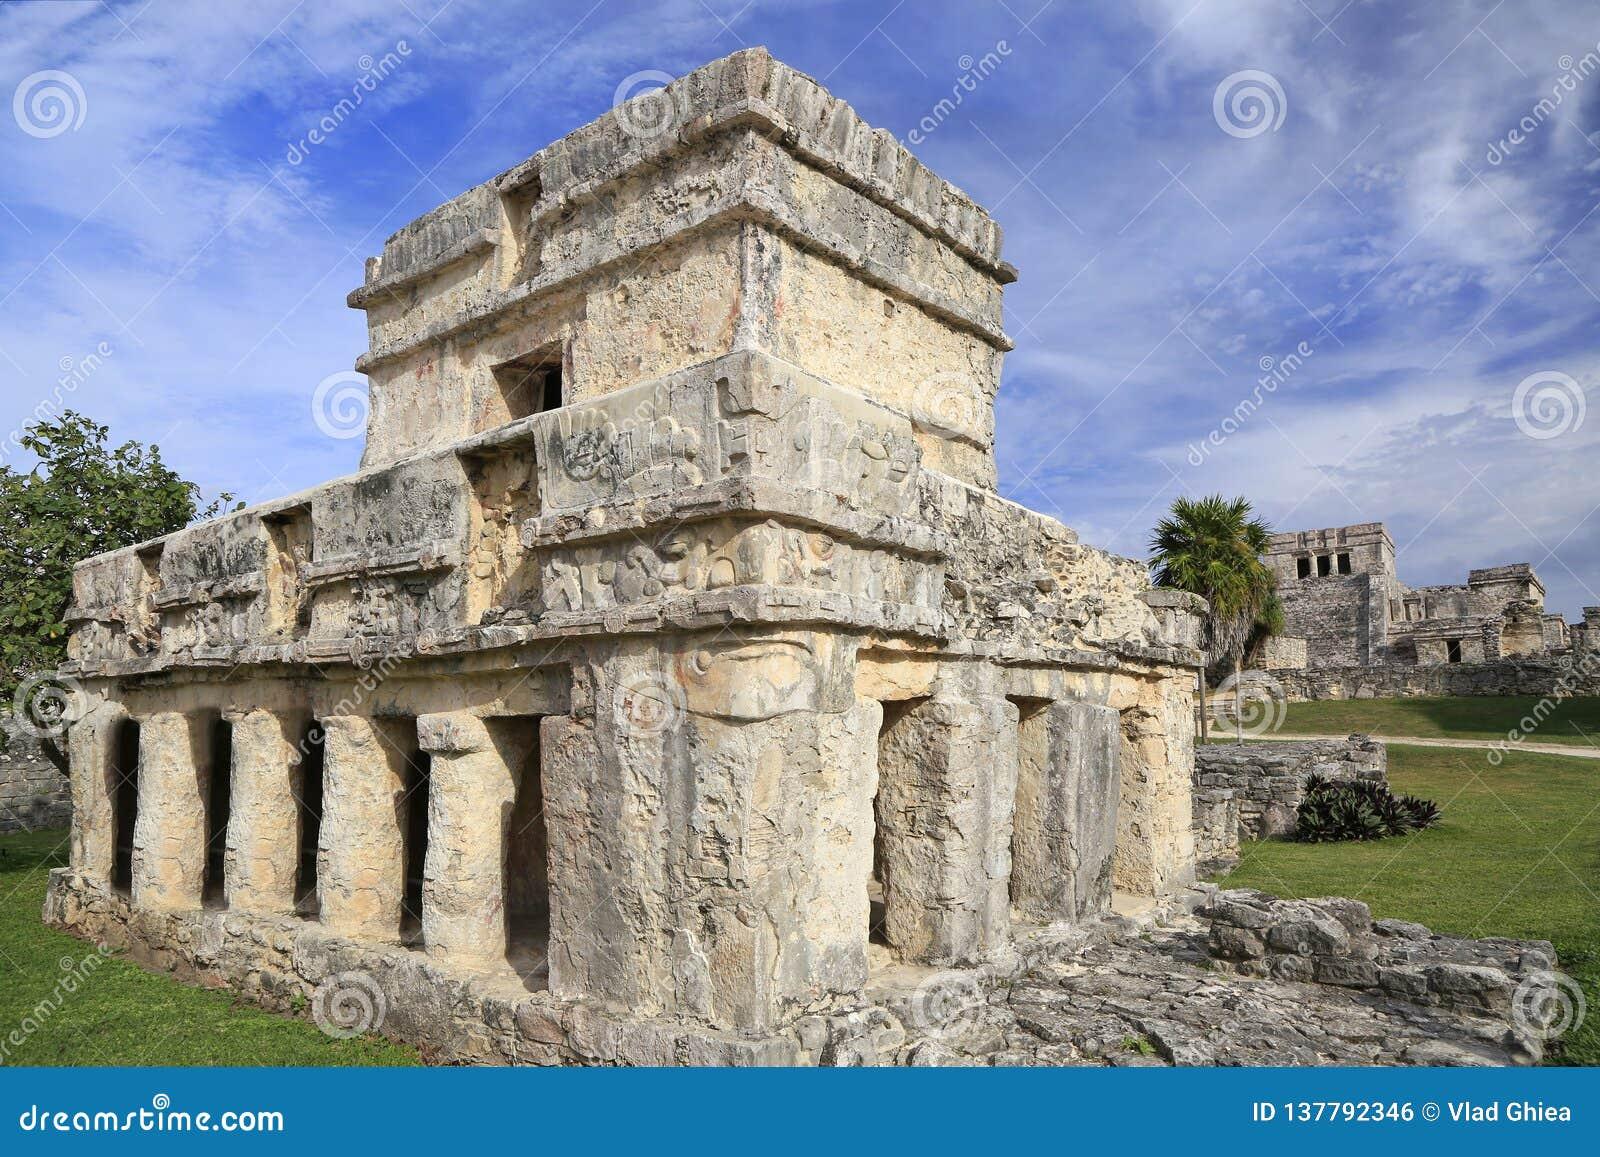 Tulum ruins of Maya Civilization, Yucatan Peninsula